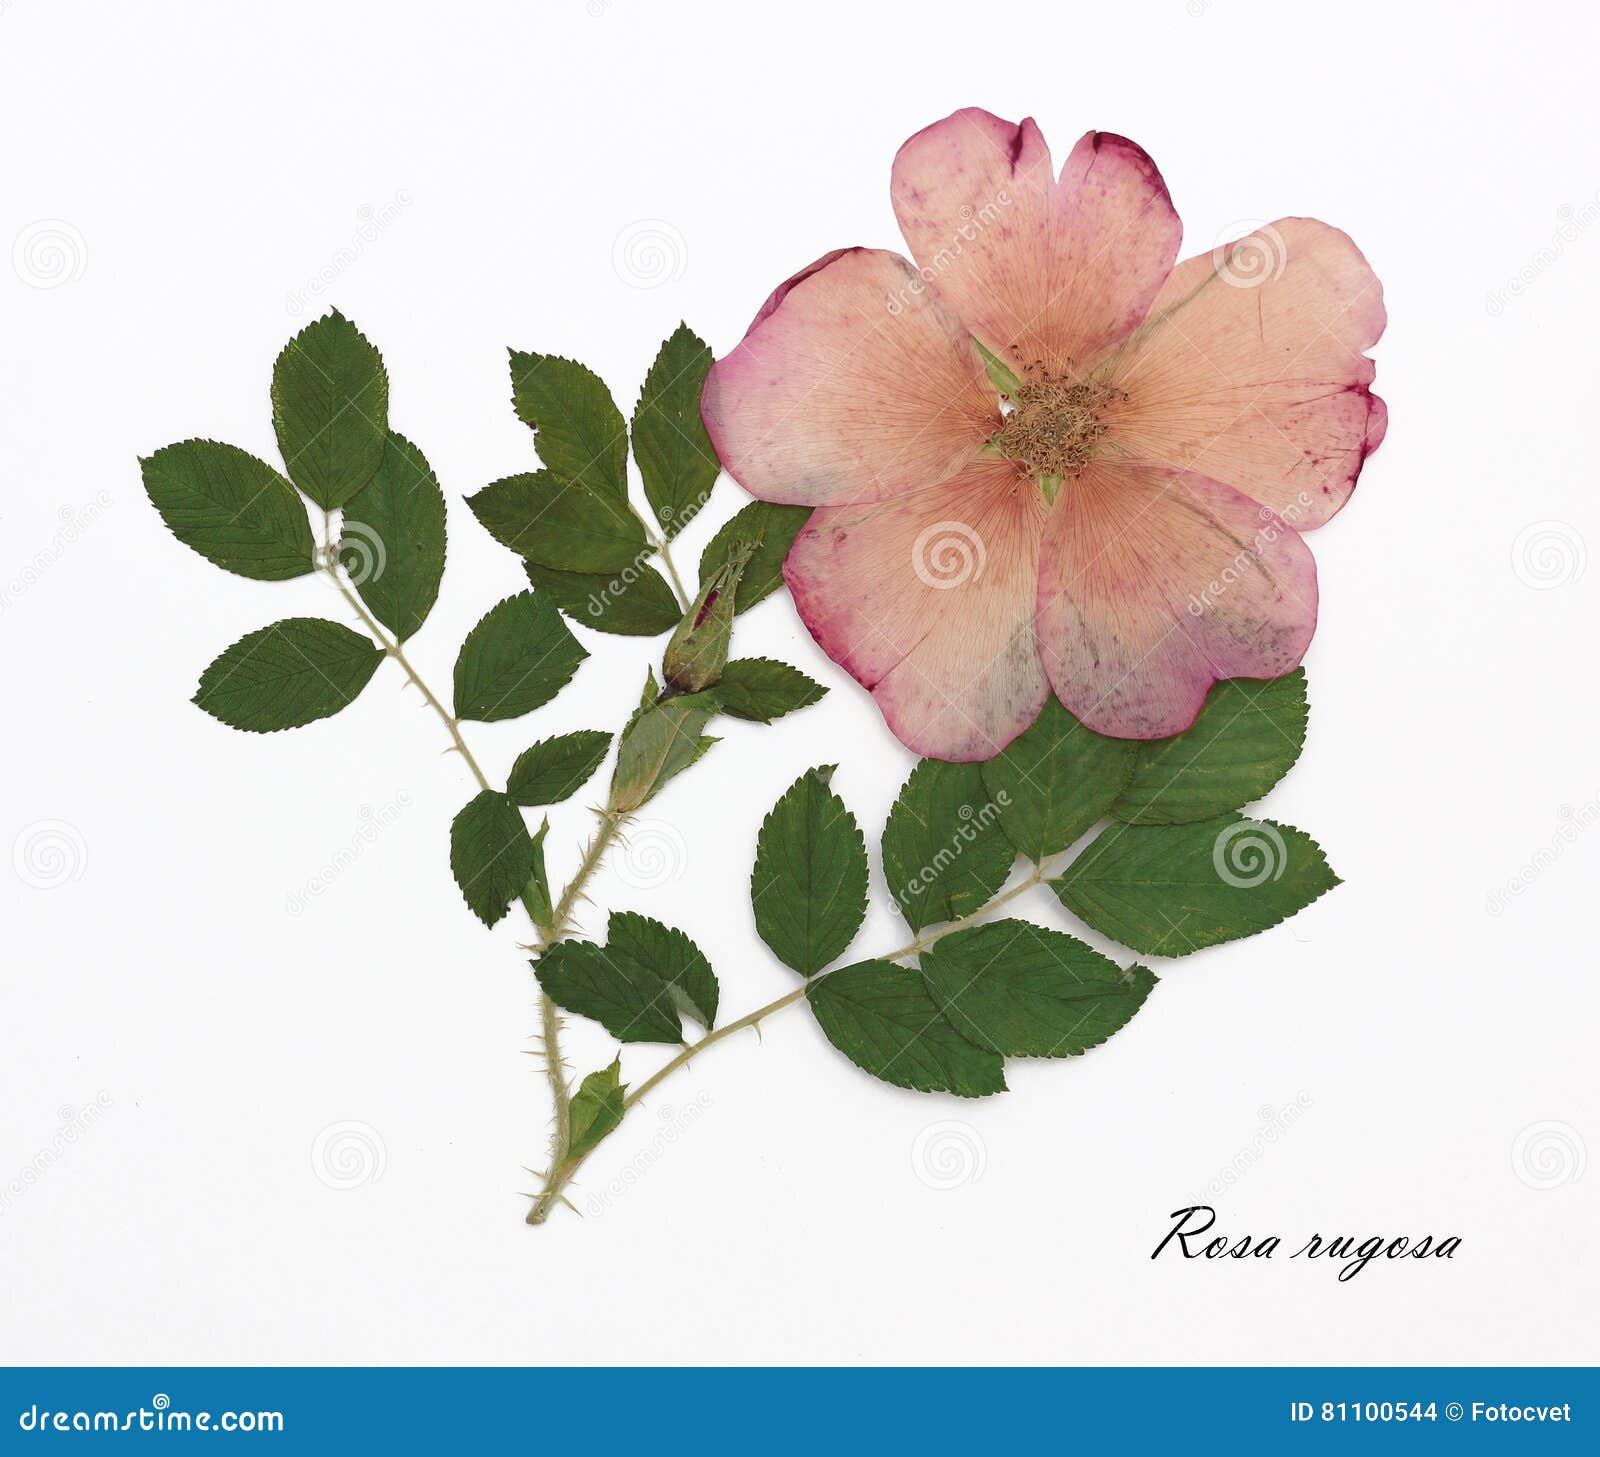 blomnamn på latin